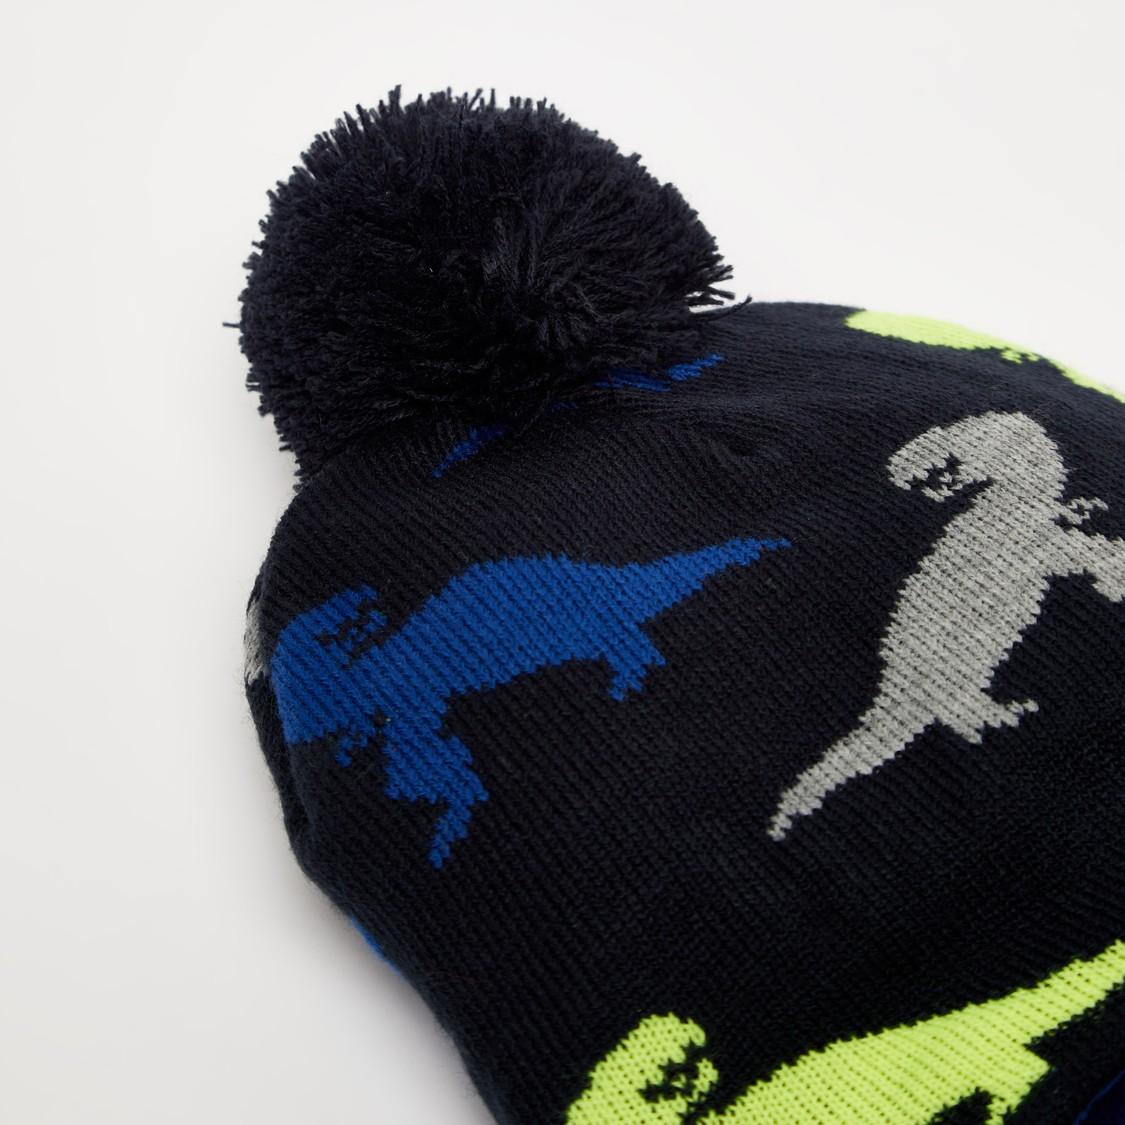 طقم قبعة بيني و قفازات بتصميم ديناصور بارز الملمس